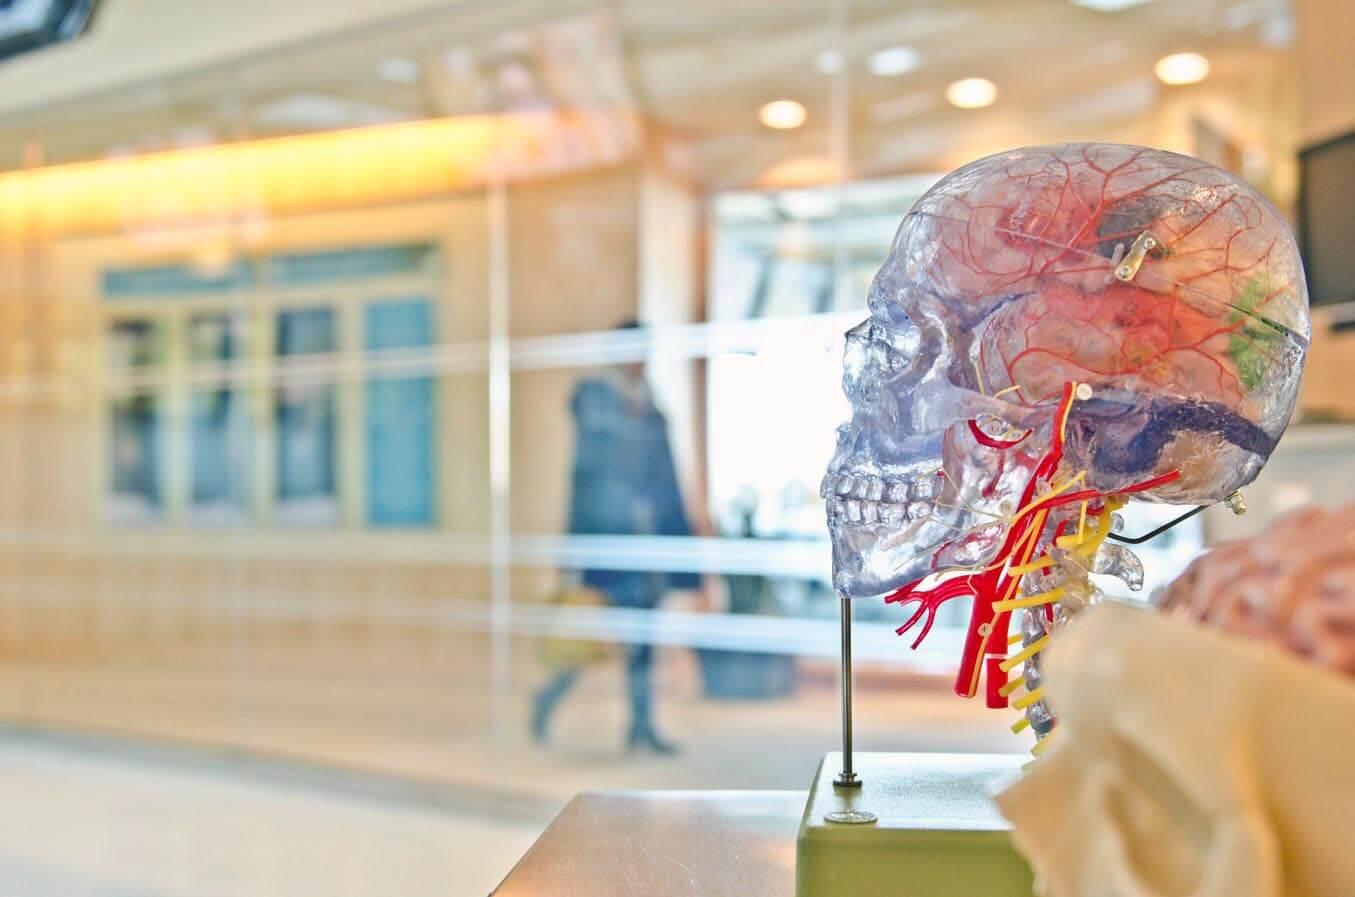 Tecnologías y modelos cognitivos para mejorar la eficacia del aprendizaje -- Tecnologías y modelos cognitivos